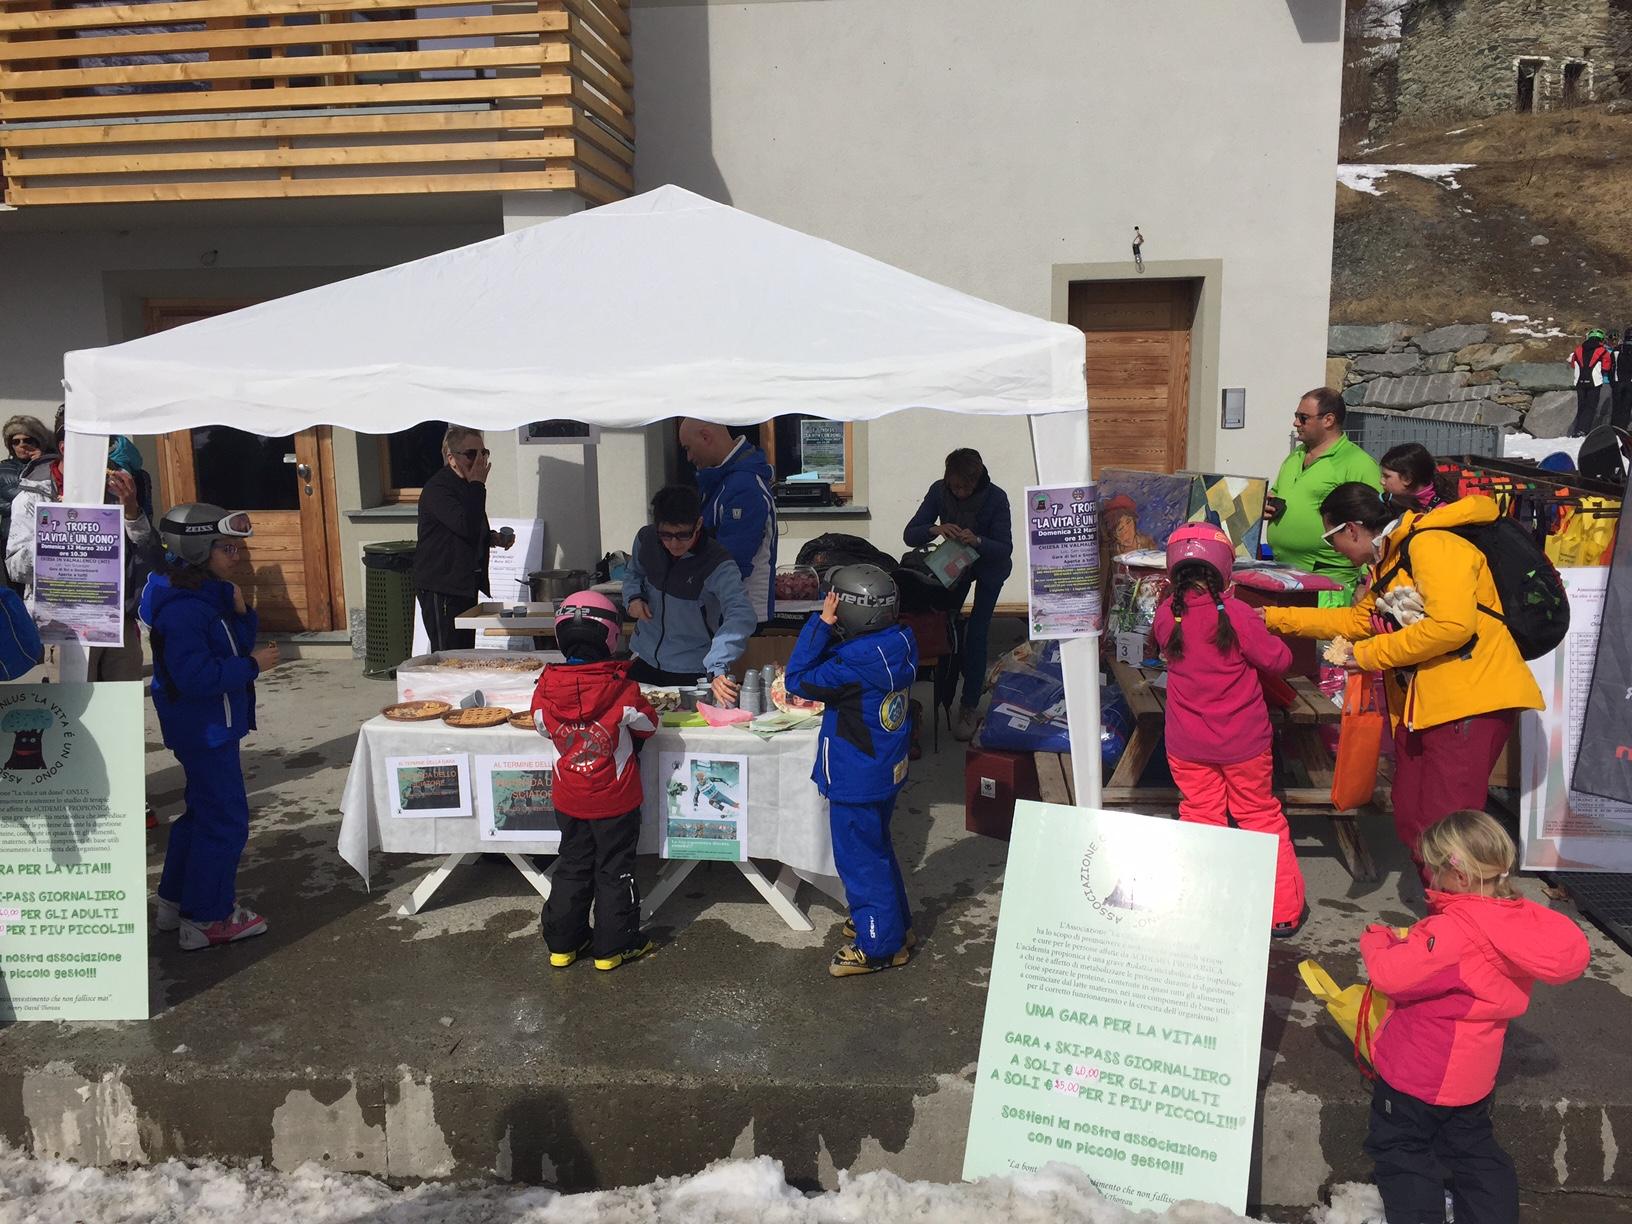 7° Trofeo La Vita è un Dono Chiesa in Valmalenco